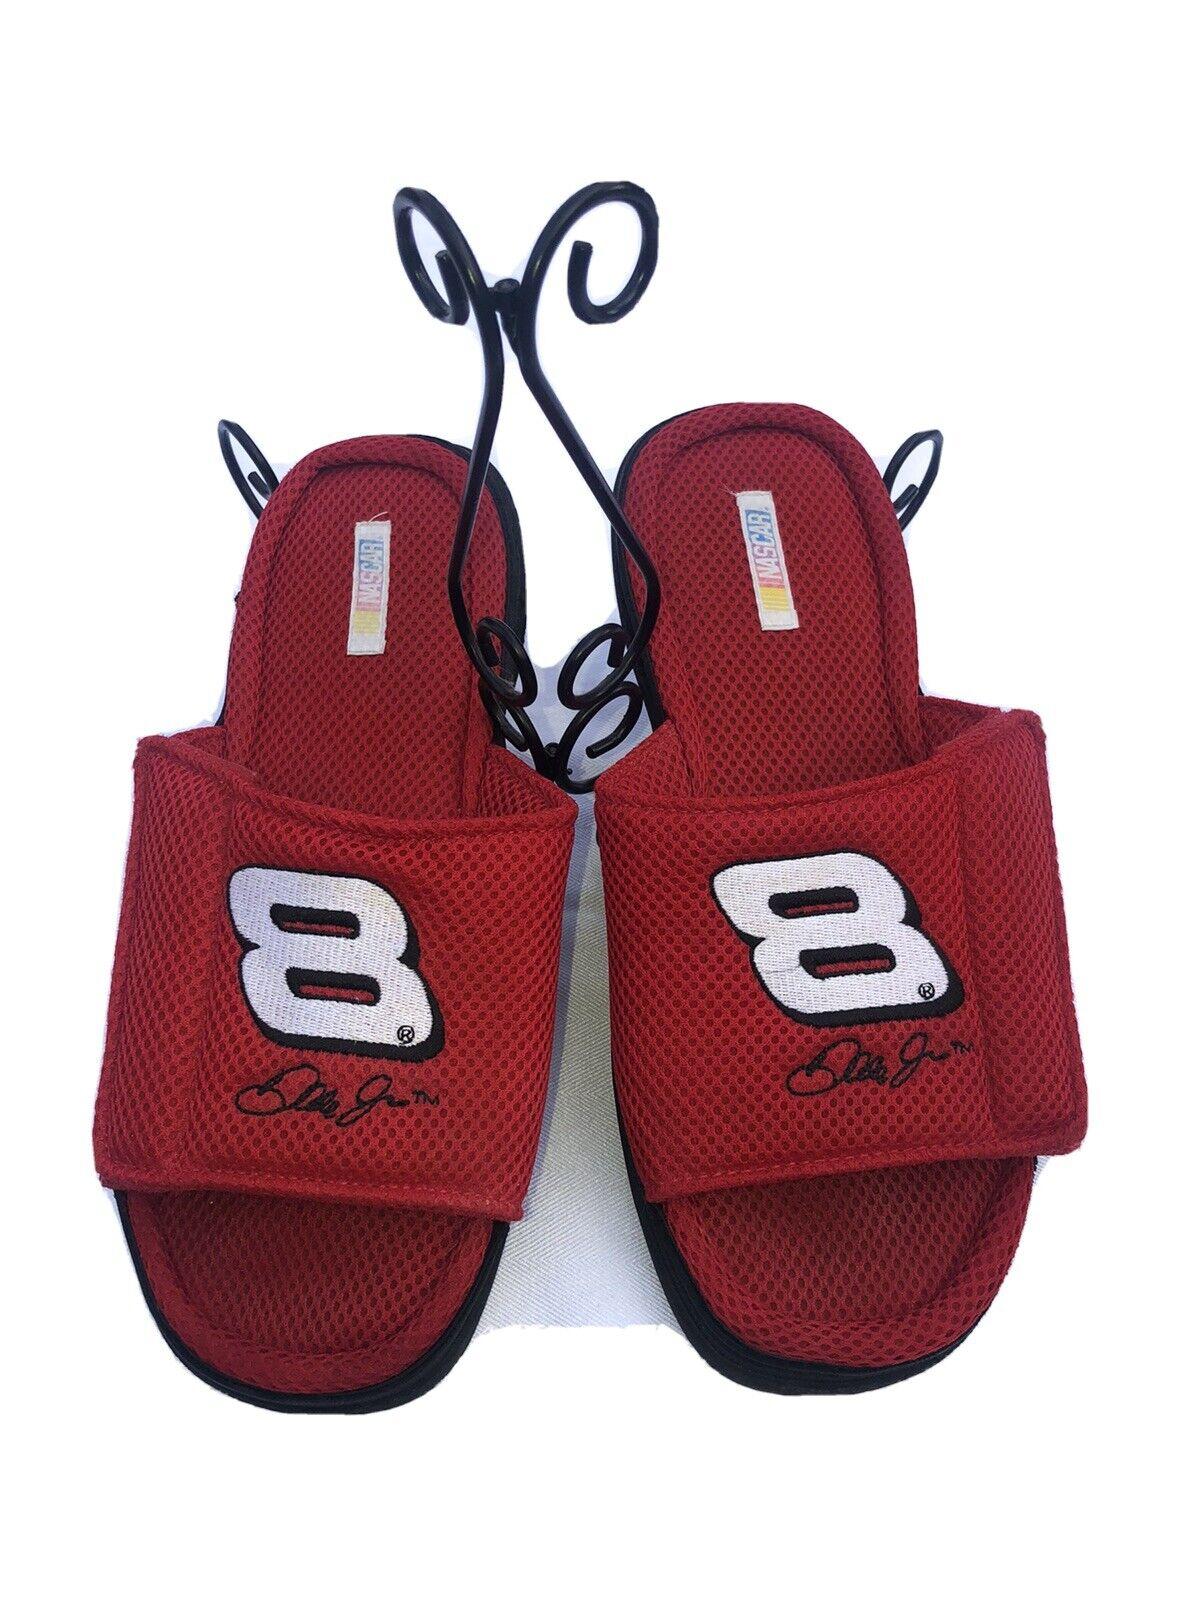 Dream Foams Men's Size 11, NASCAR Dale Earnhardt Jr #8, Slides, Sandals -Clean!